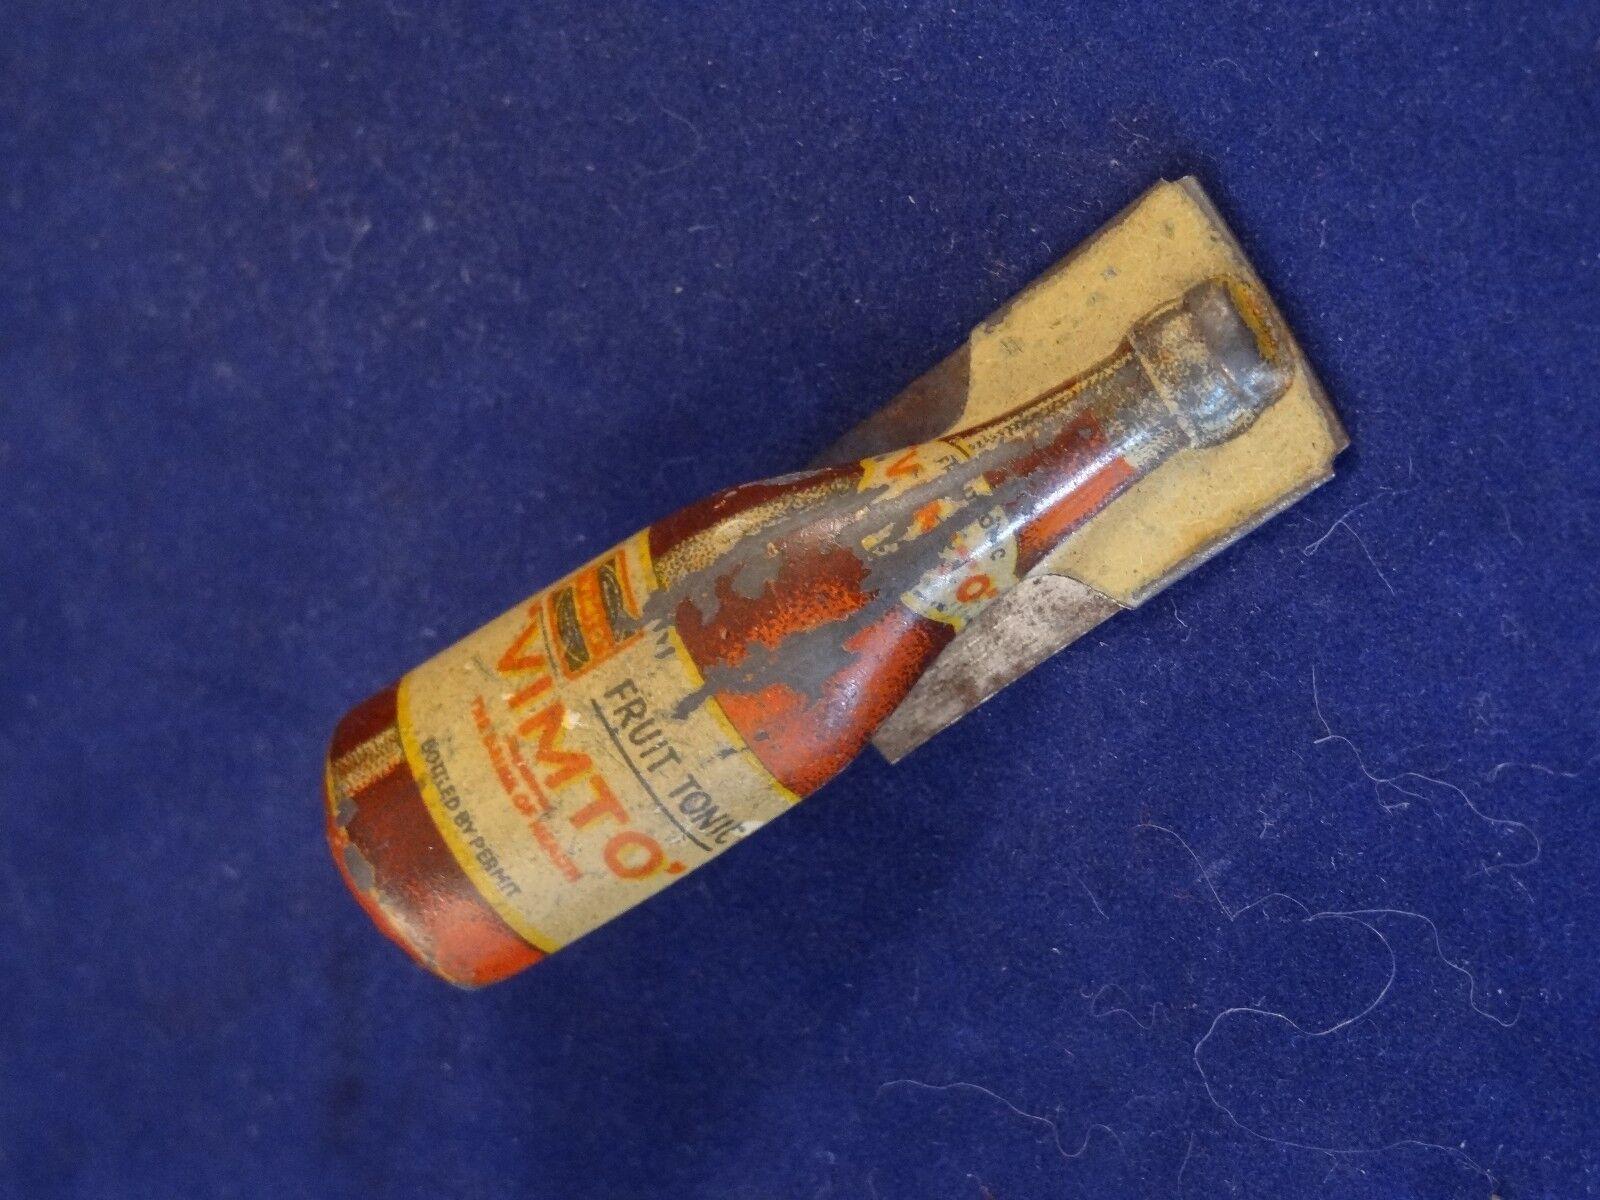 Ancien jouet rare clic-clac tôle lithographiée jus de fruit gazeux vimto pub